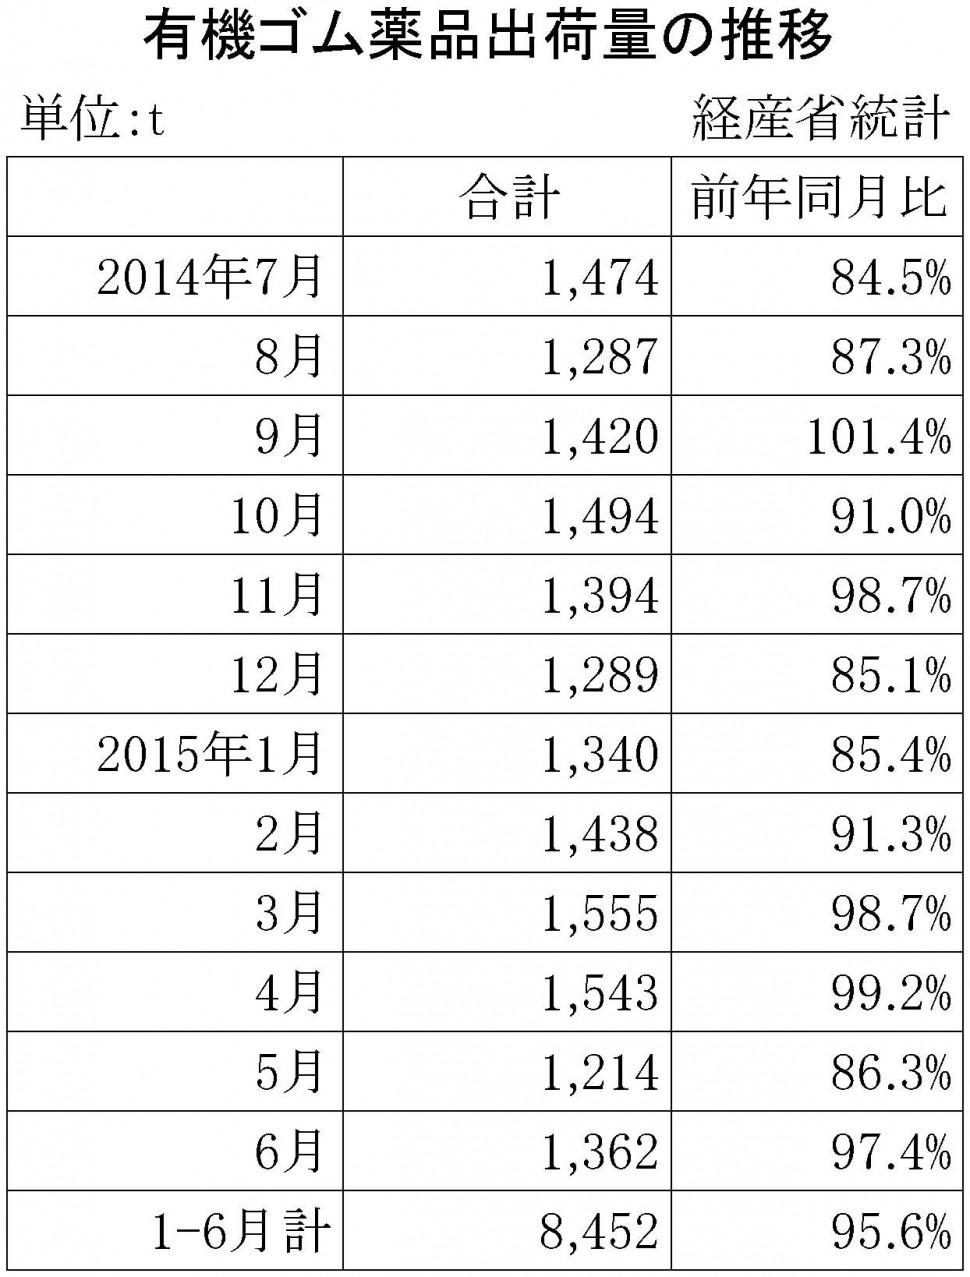 2015年6月のゴム薬品推移